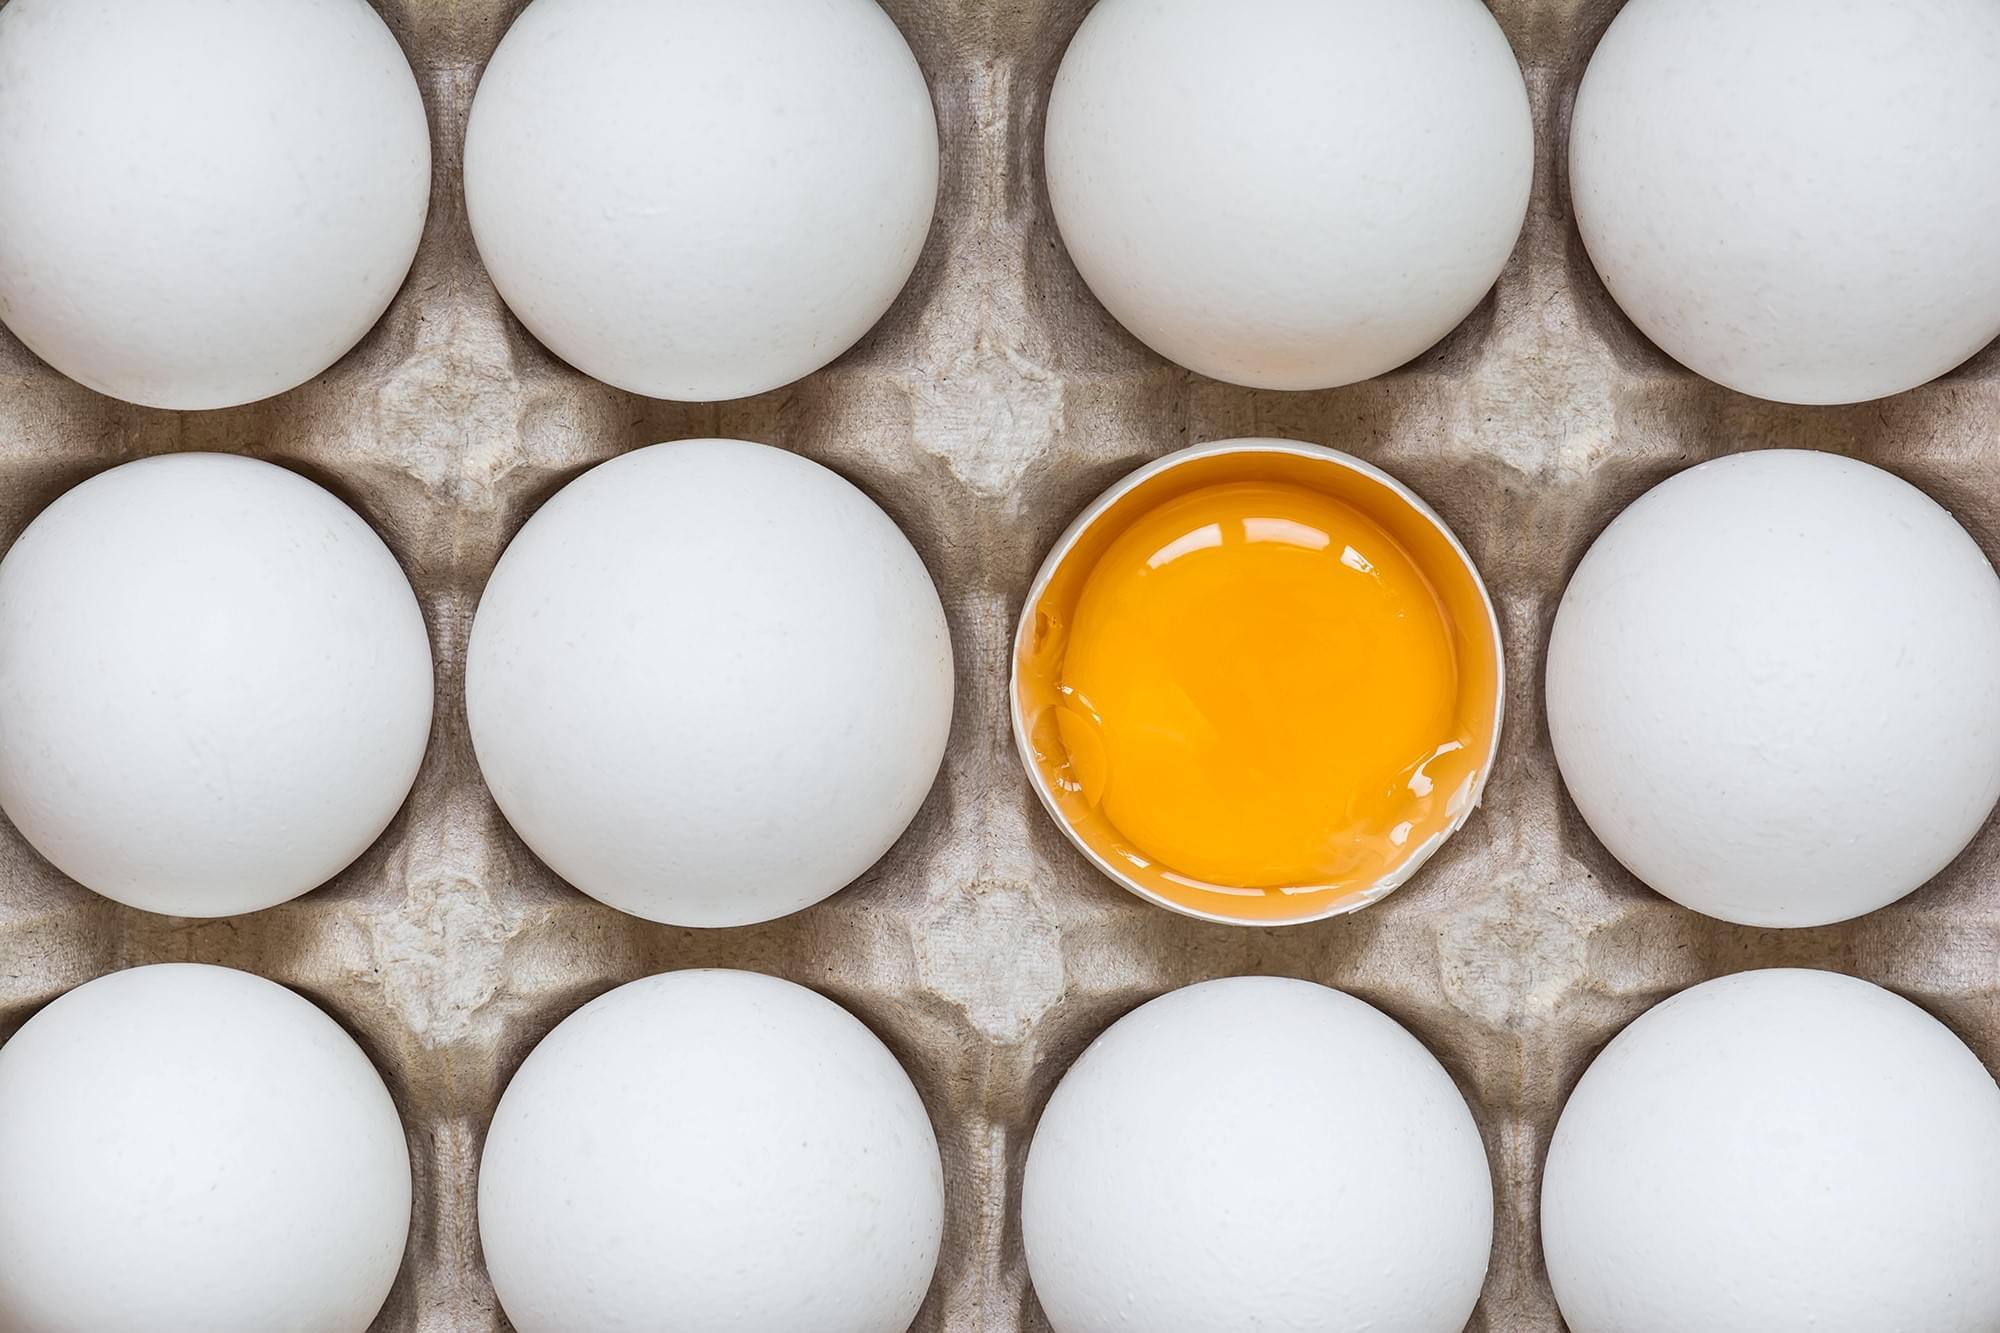 Por que não devemos comer ovos e outros alimentos crus